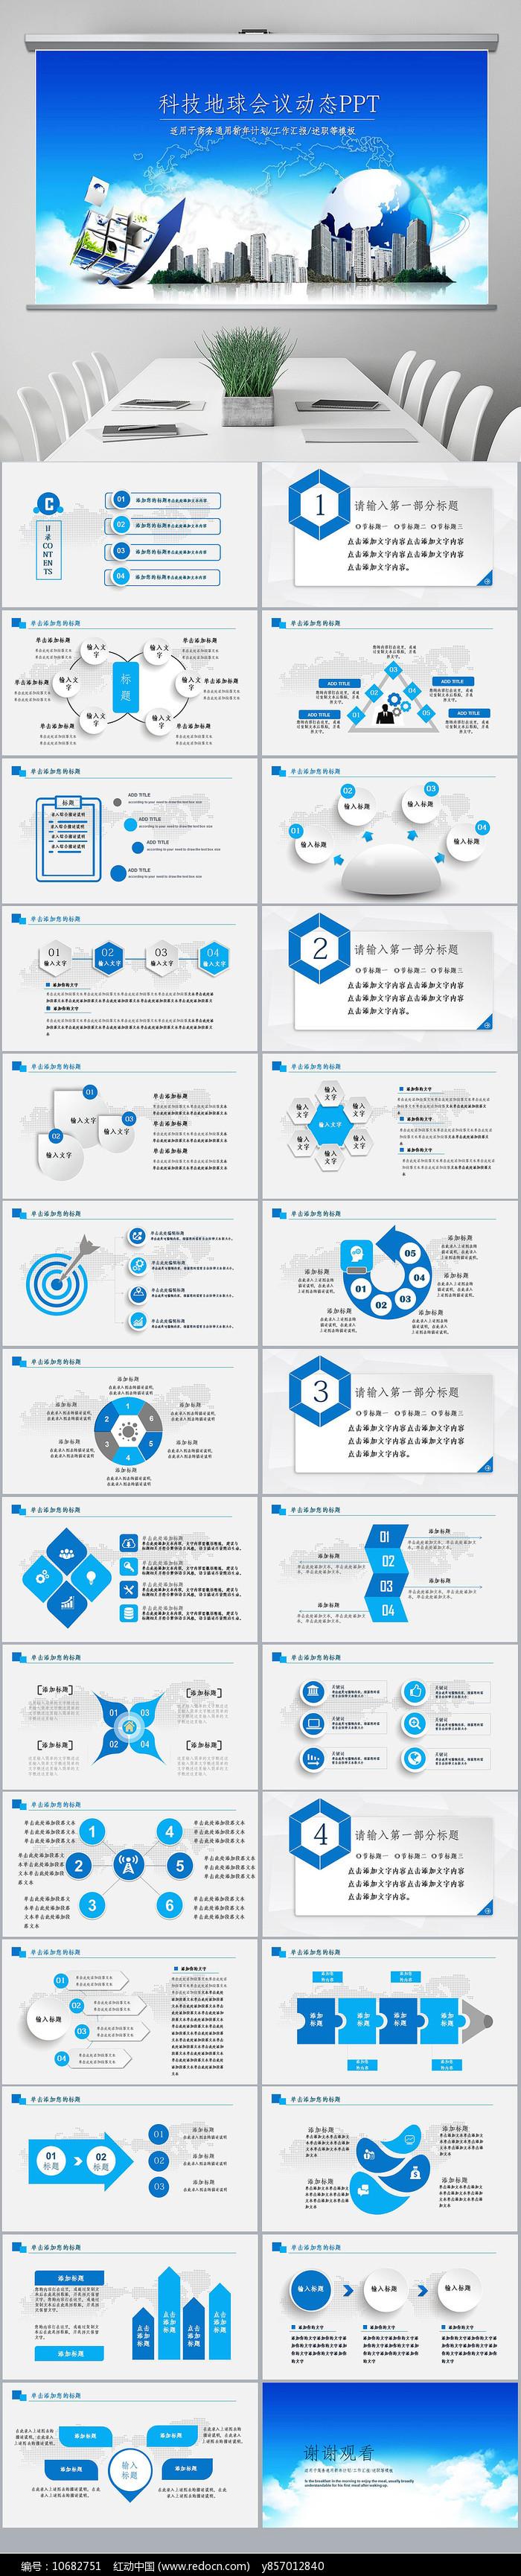 蓝色大气商业计划书融资创业PPT图片